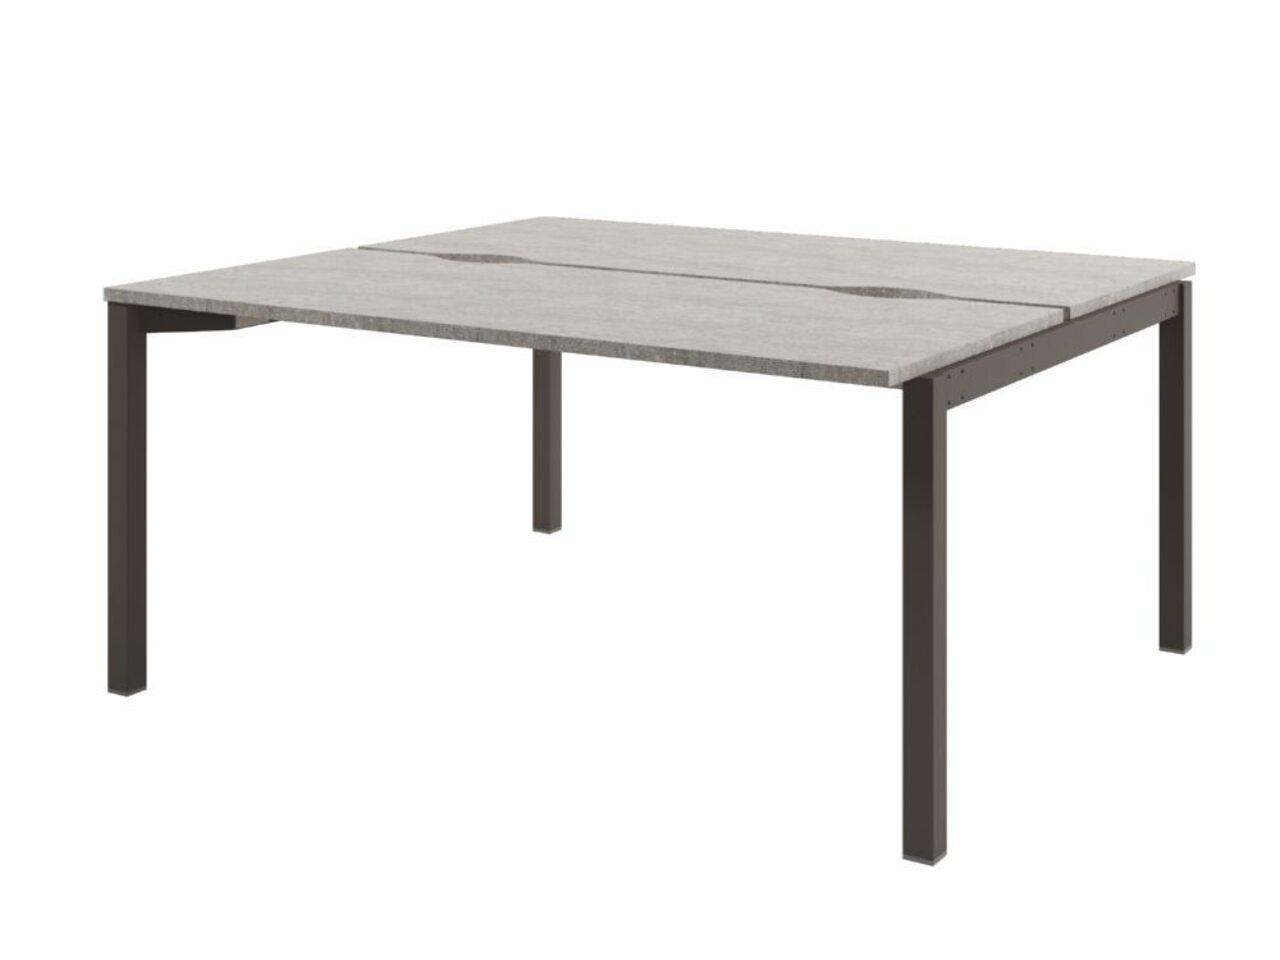 Бенч-система столов-тандемов  Solution 160x143x75 - фото 3